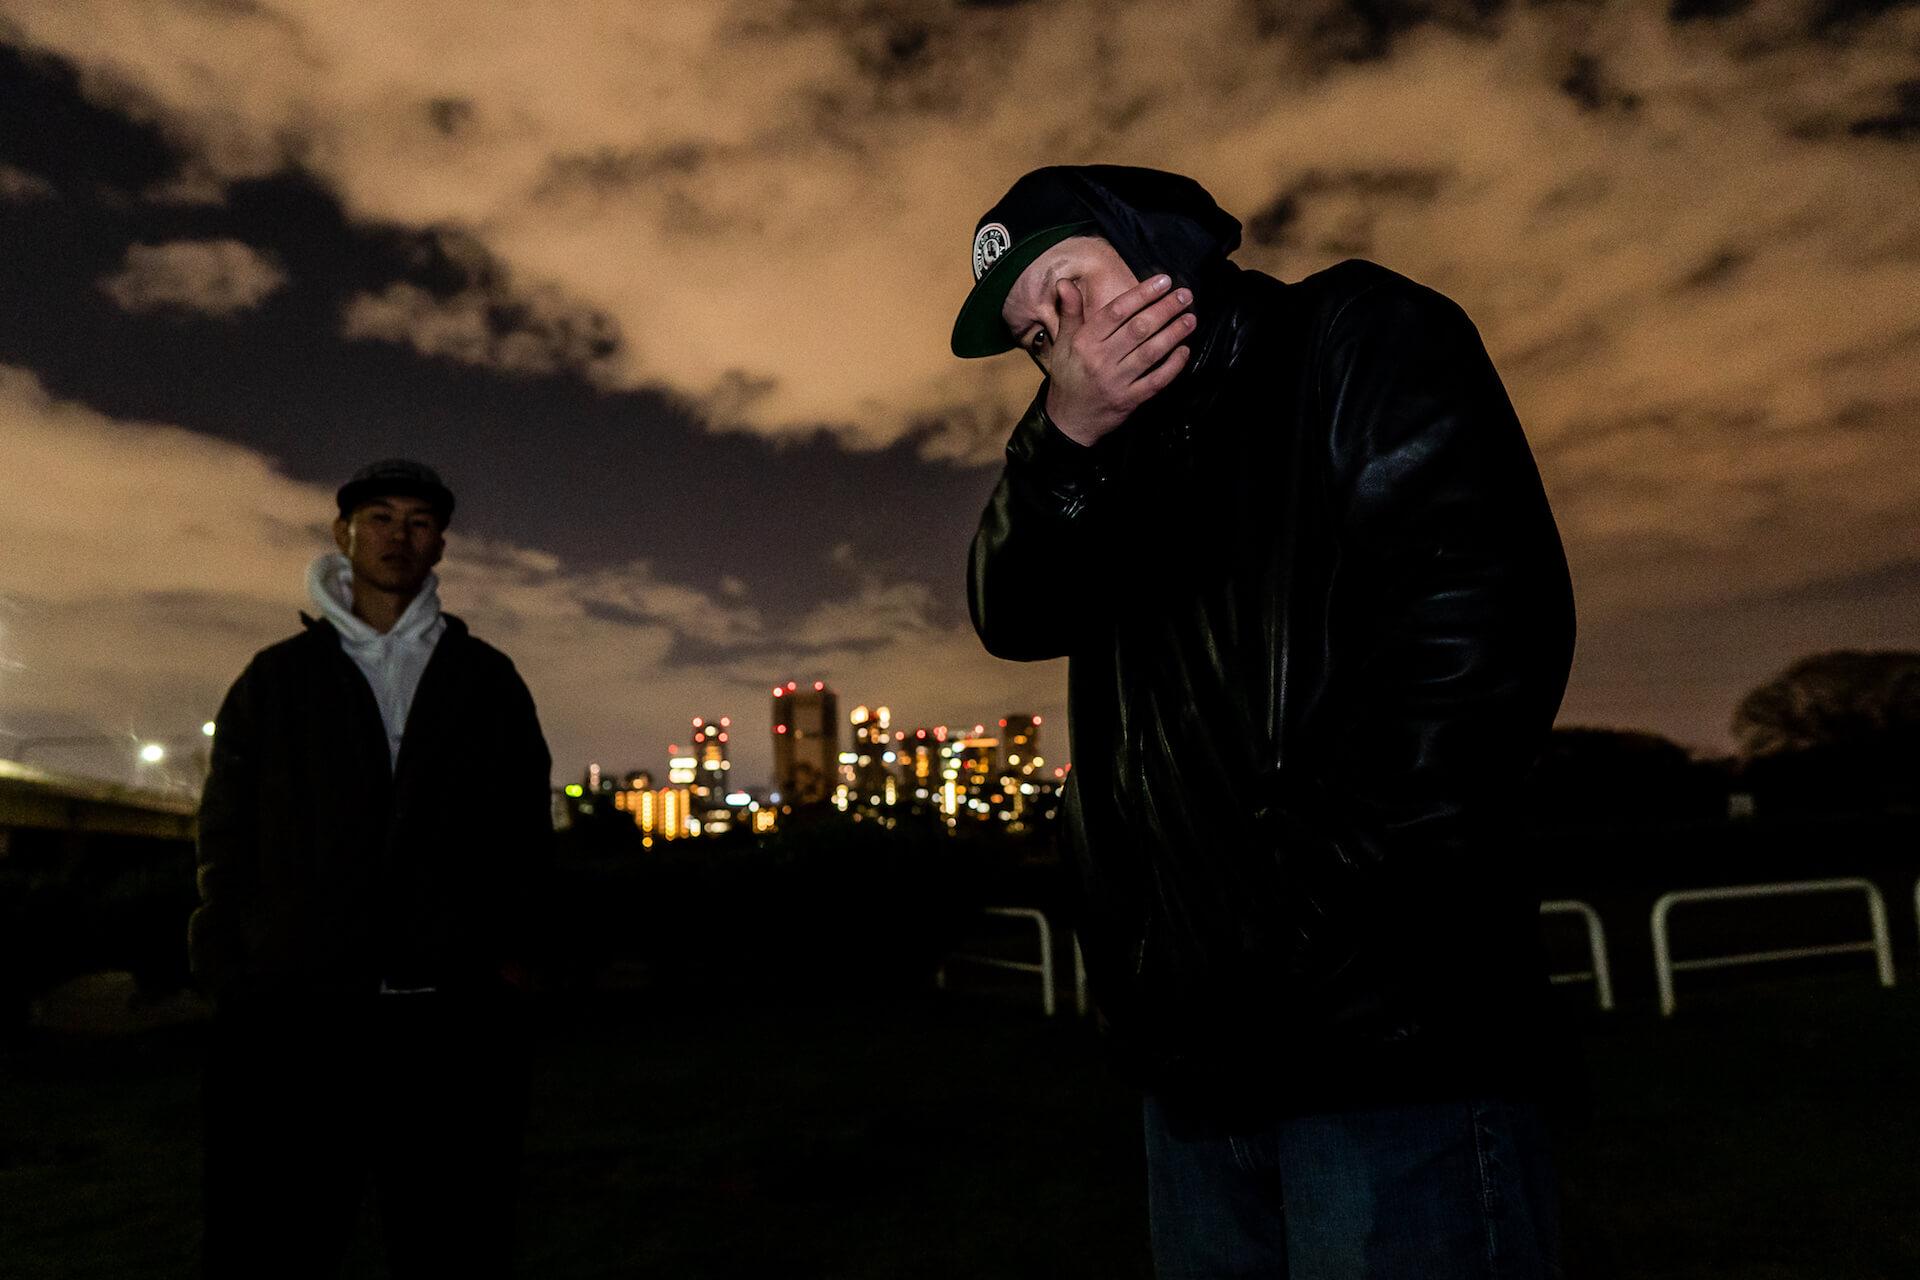 ILLNANDES&ENDRUN、今夏発売予定のアルバムより先行カット「TTV」を〈Dogear Records〉よりリリース music200601-illnandes-endrun-1